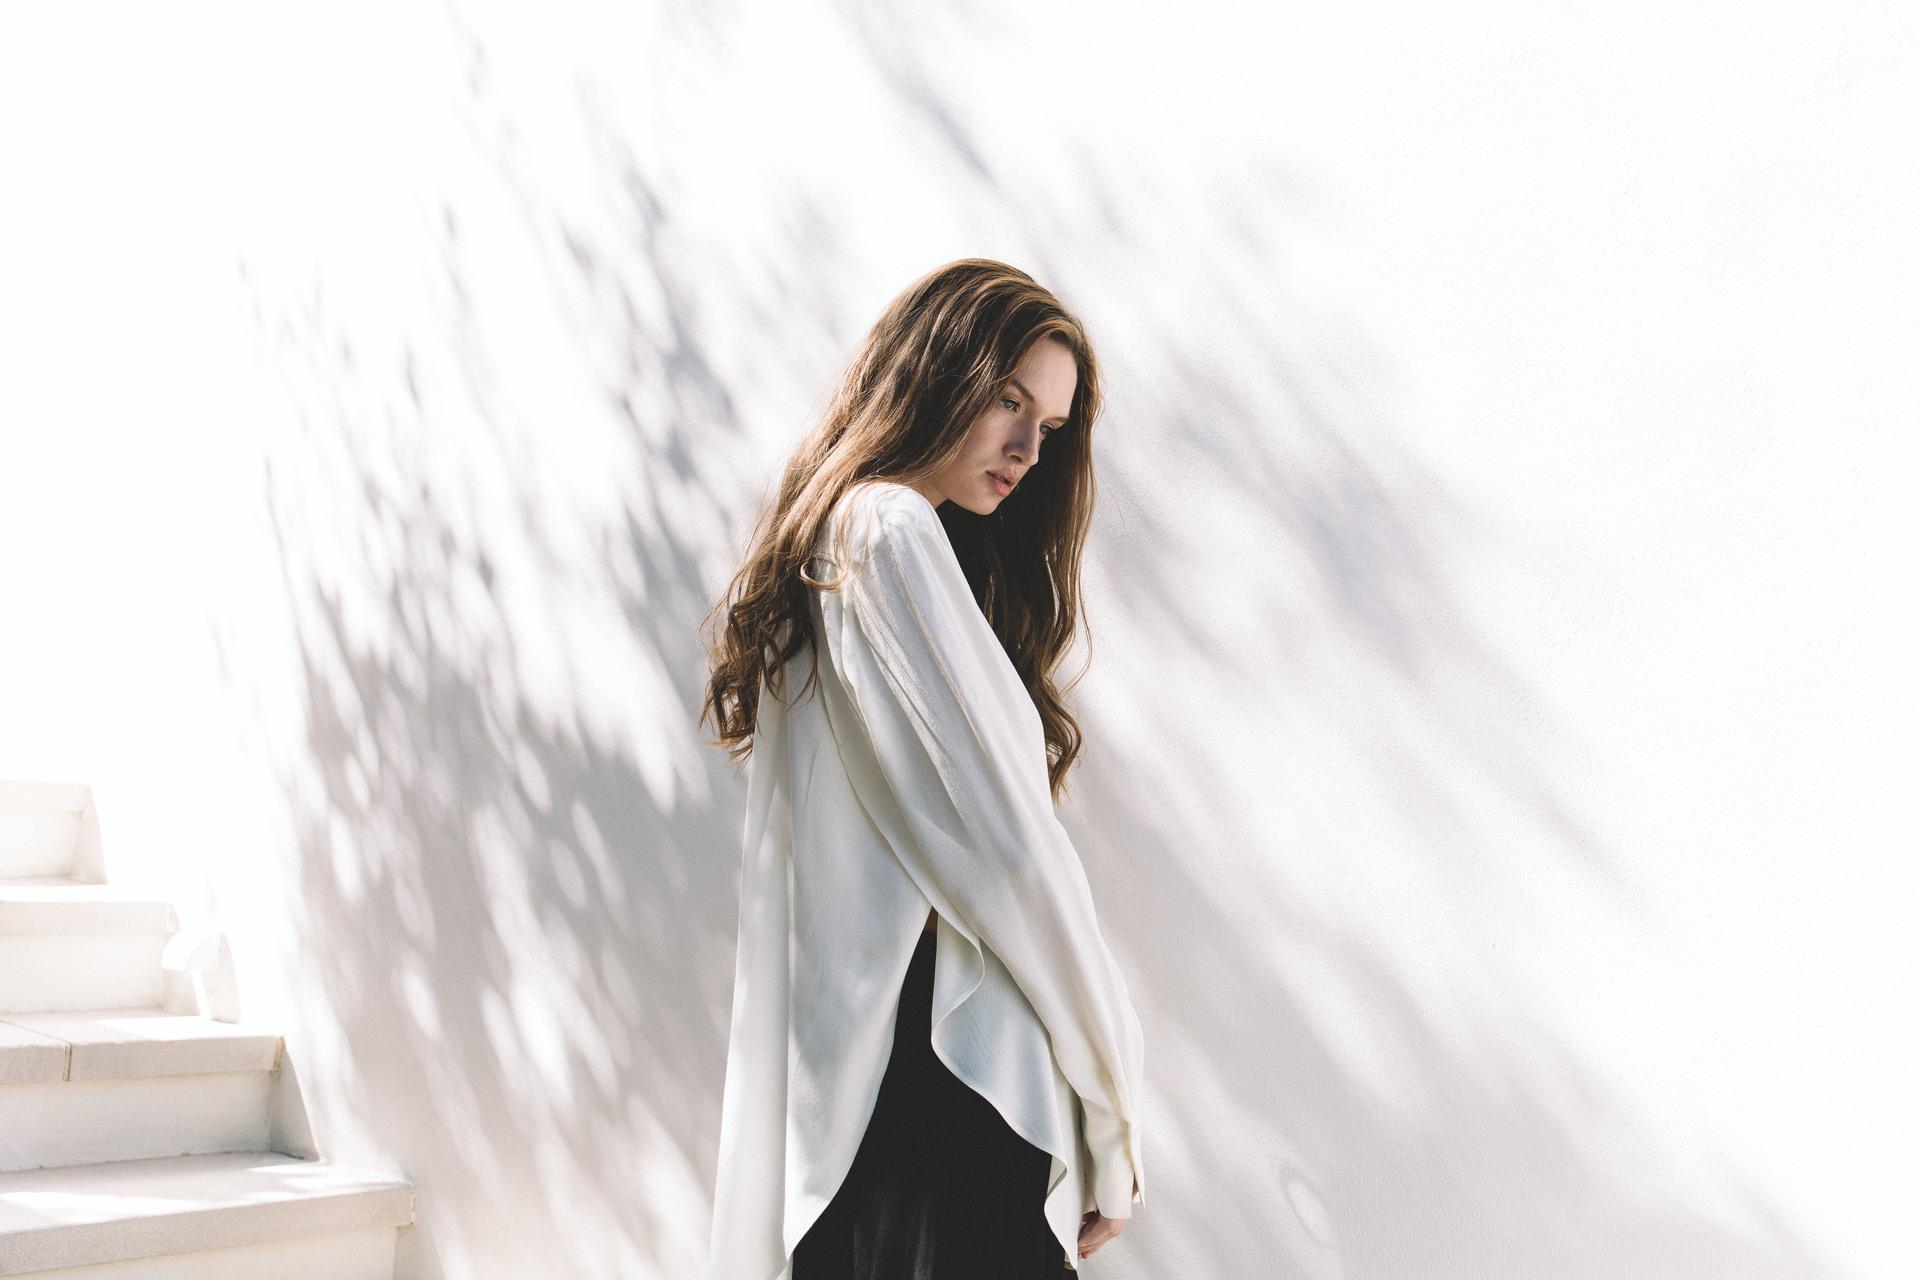 72dpi-2189685180-White-Dawn-Tie-Shirt-Lifestyle